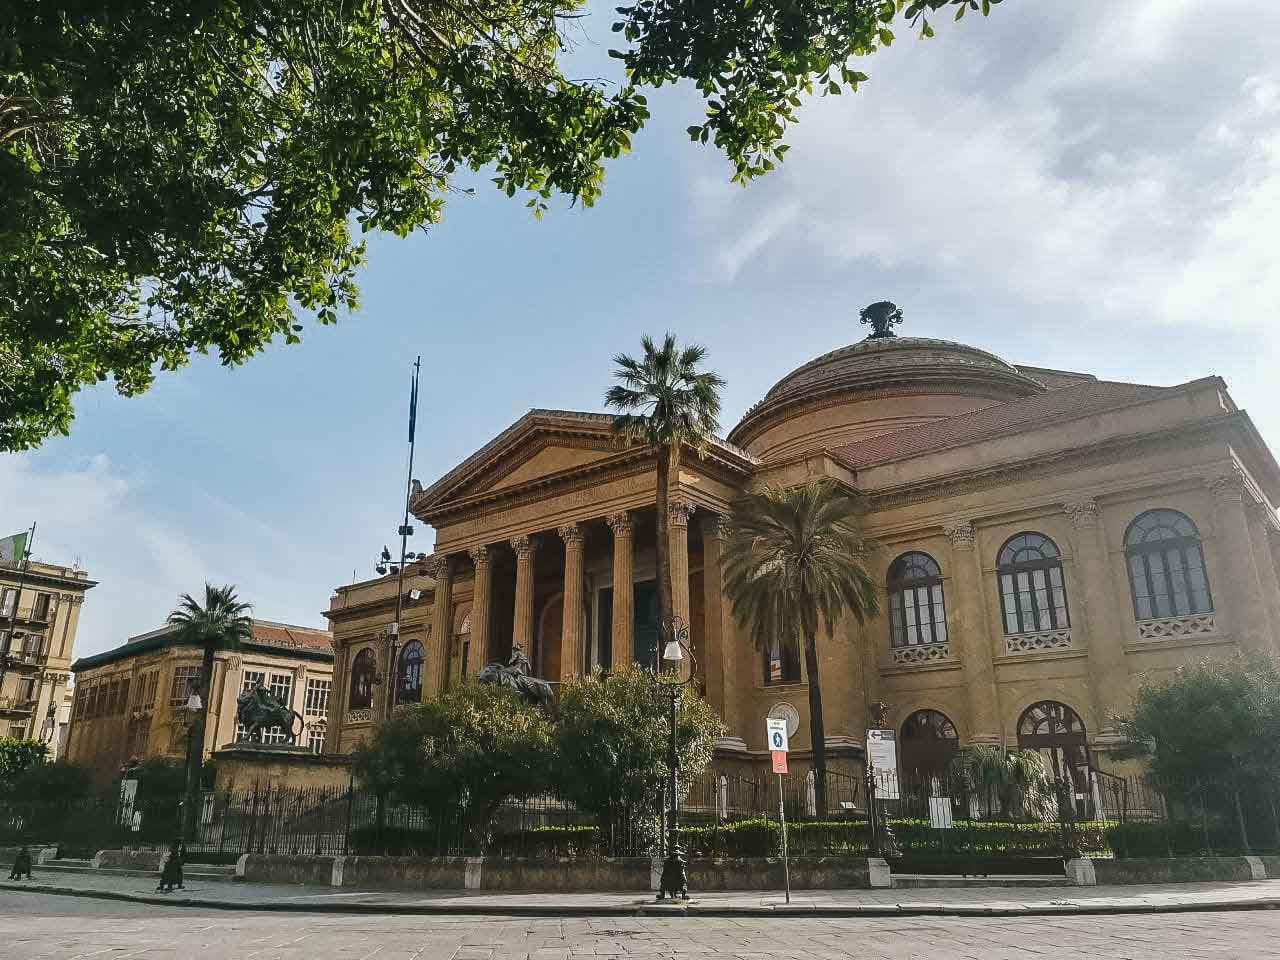 Scorcio del Teatro Massimo